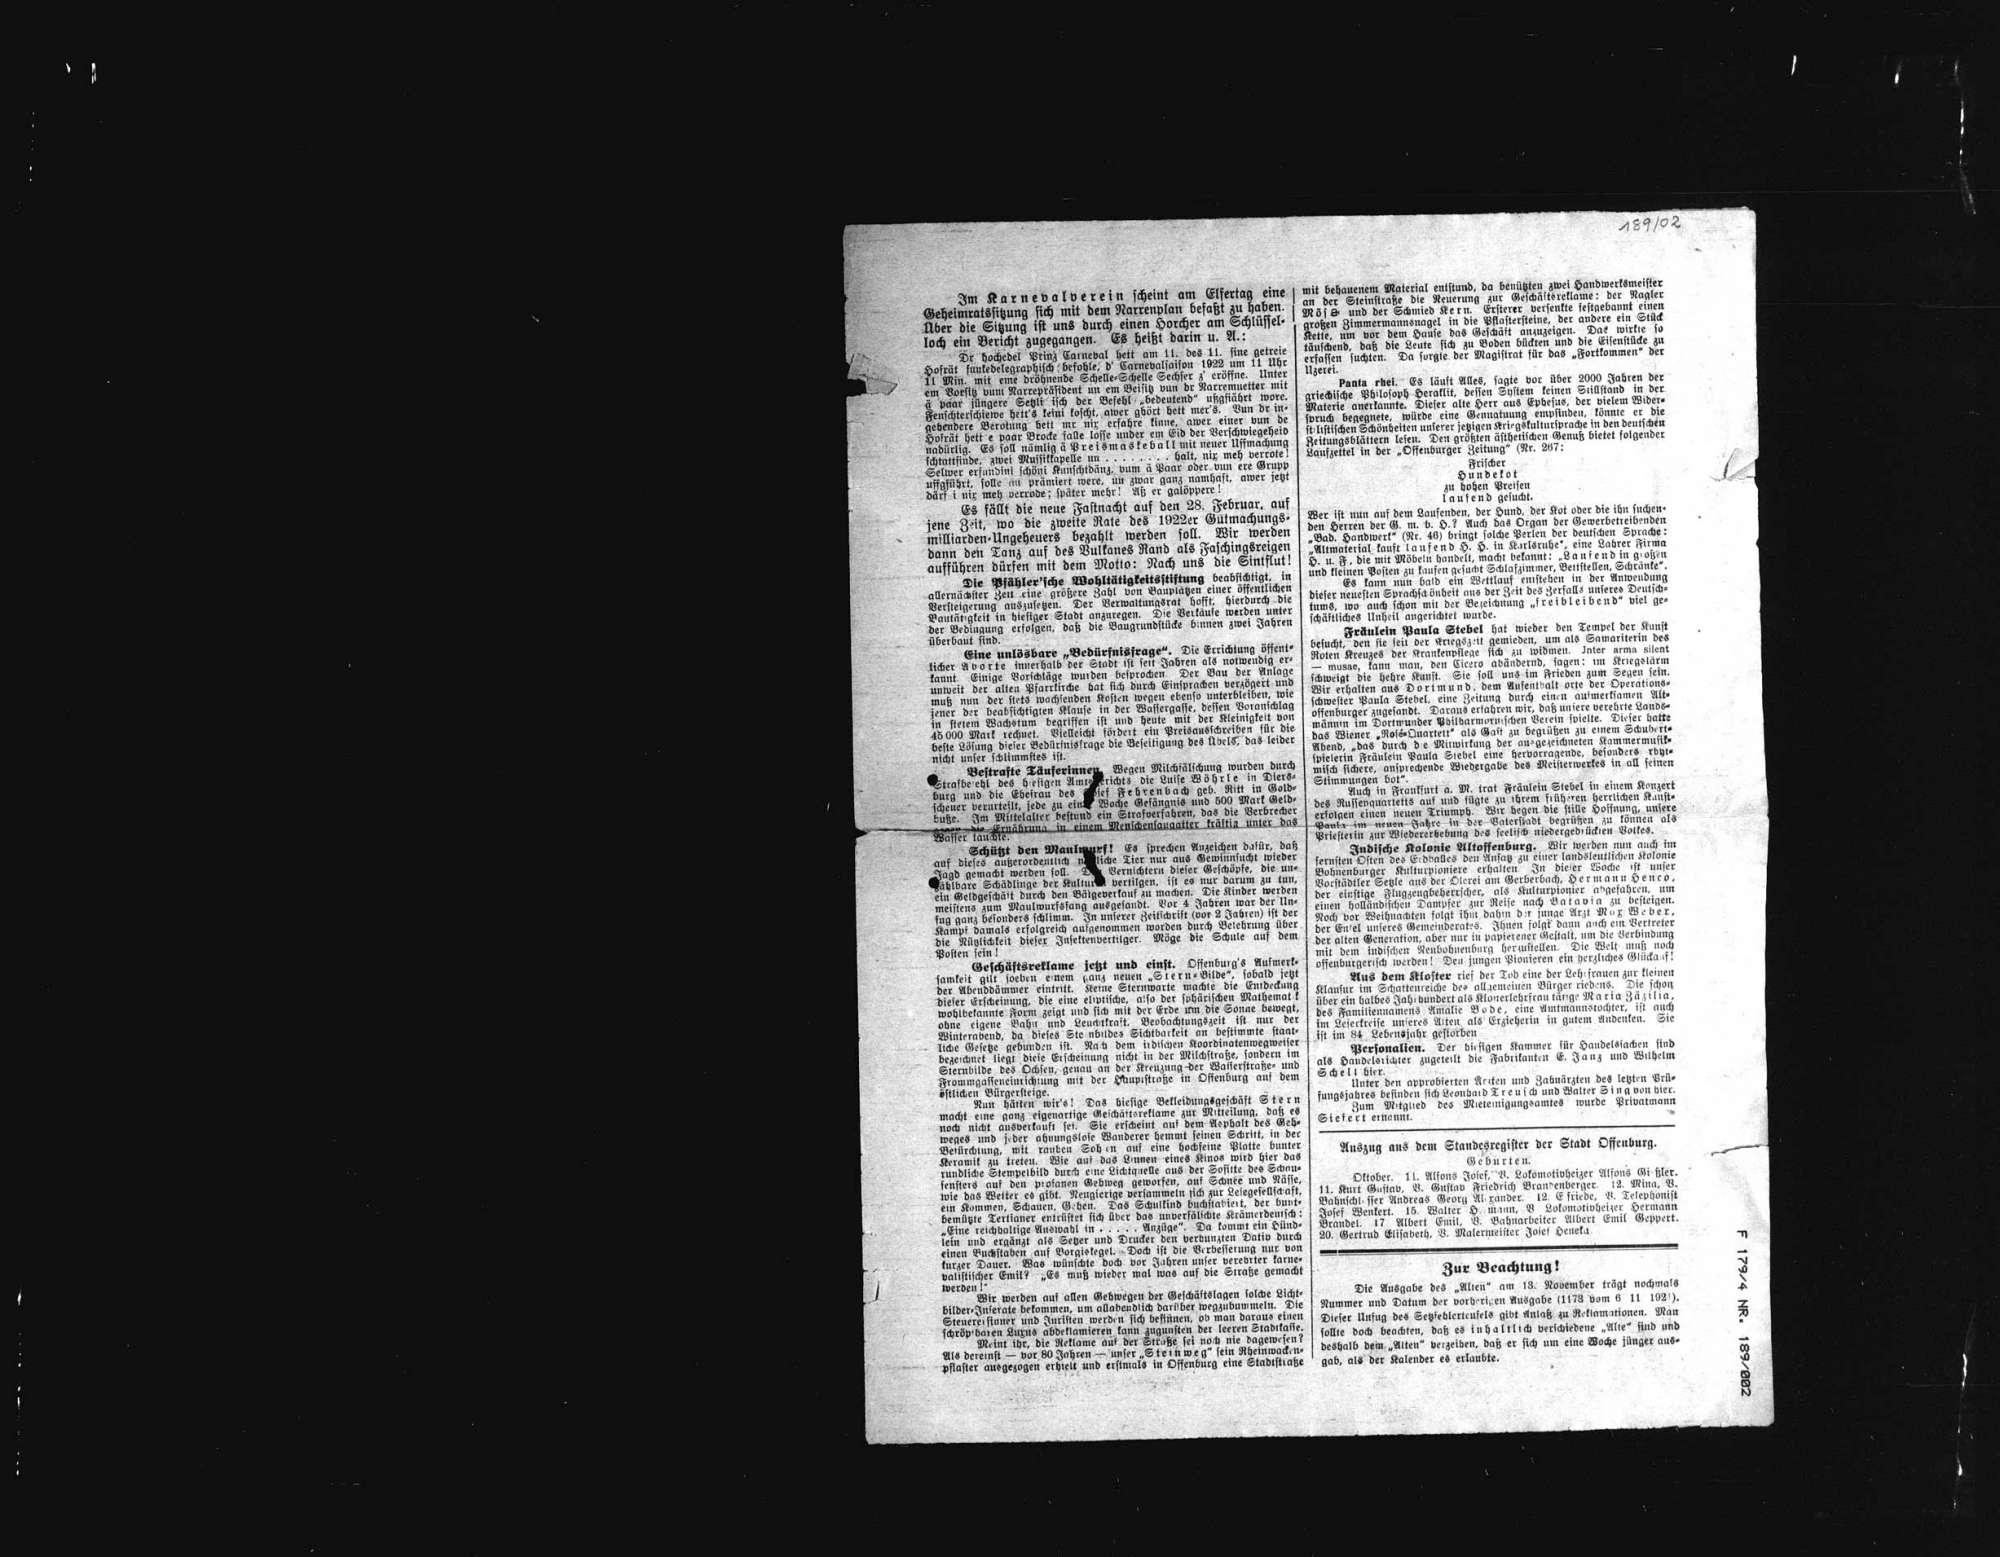 Sammlung von Zeitungsausschnitten und anderen Schriftstücken zum Mordfall Matthias Erzberger, Bild 2